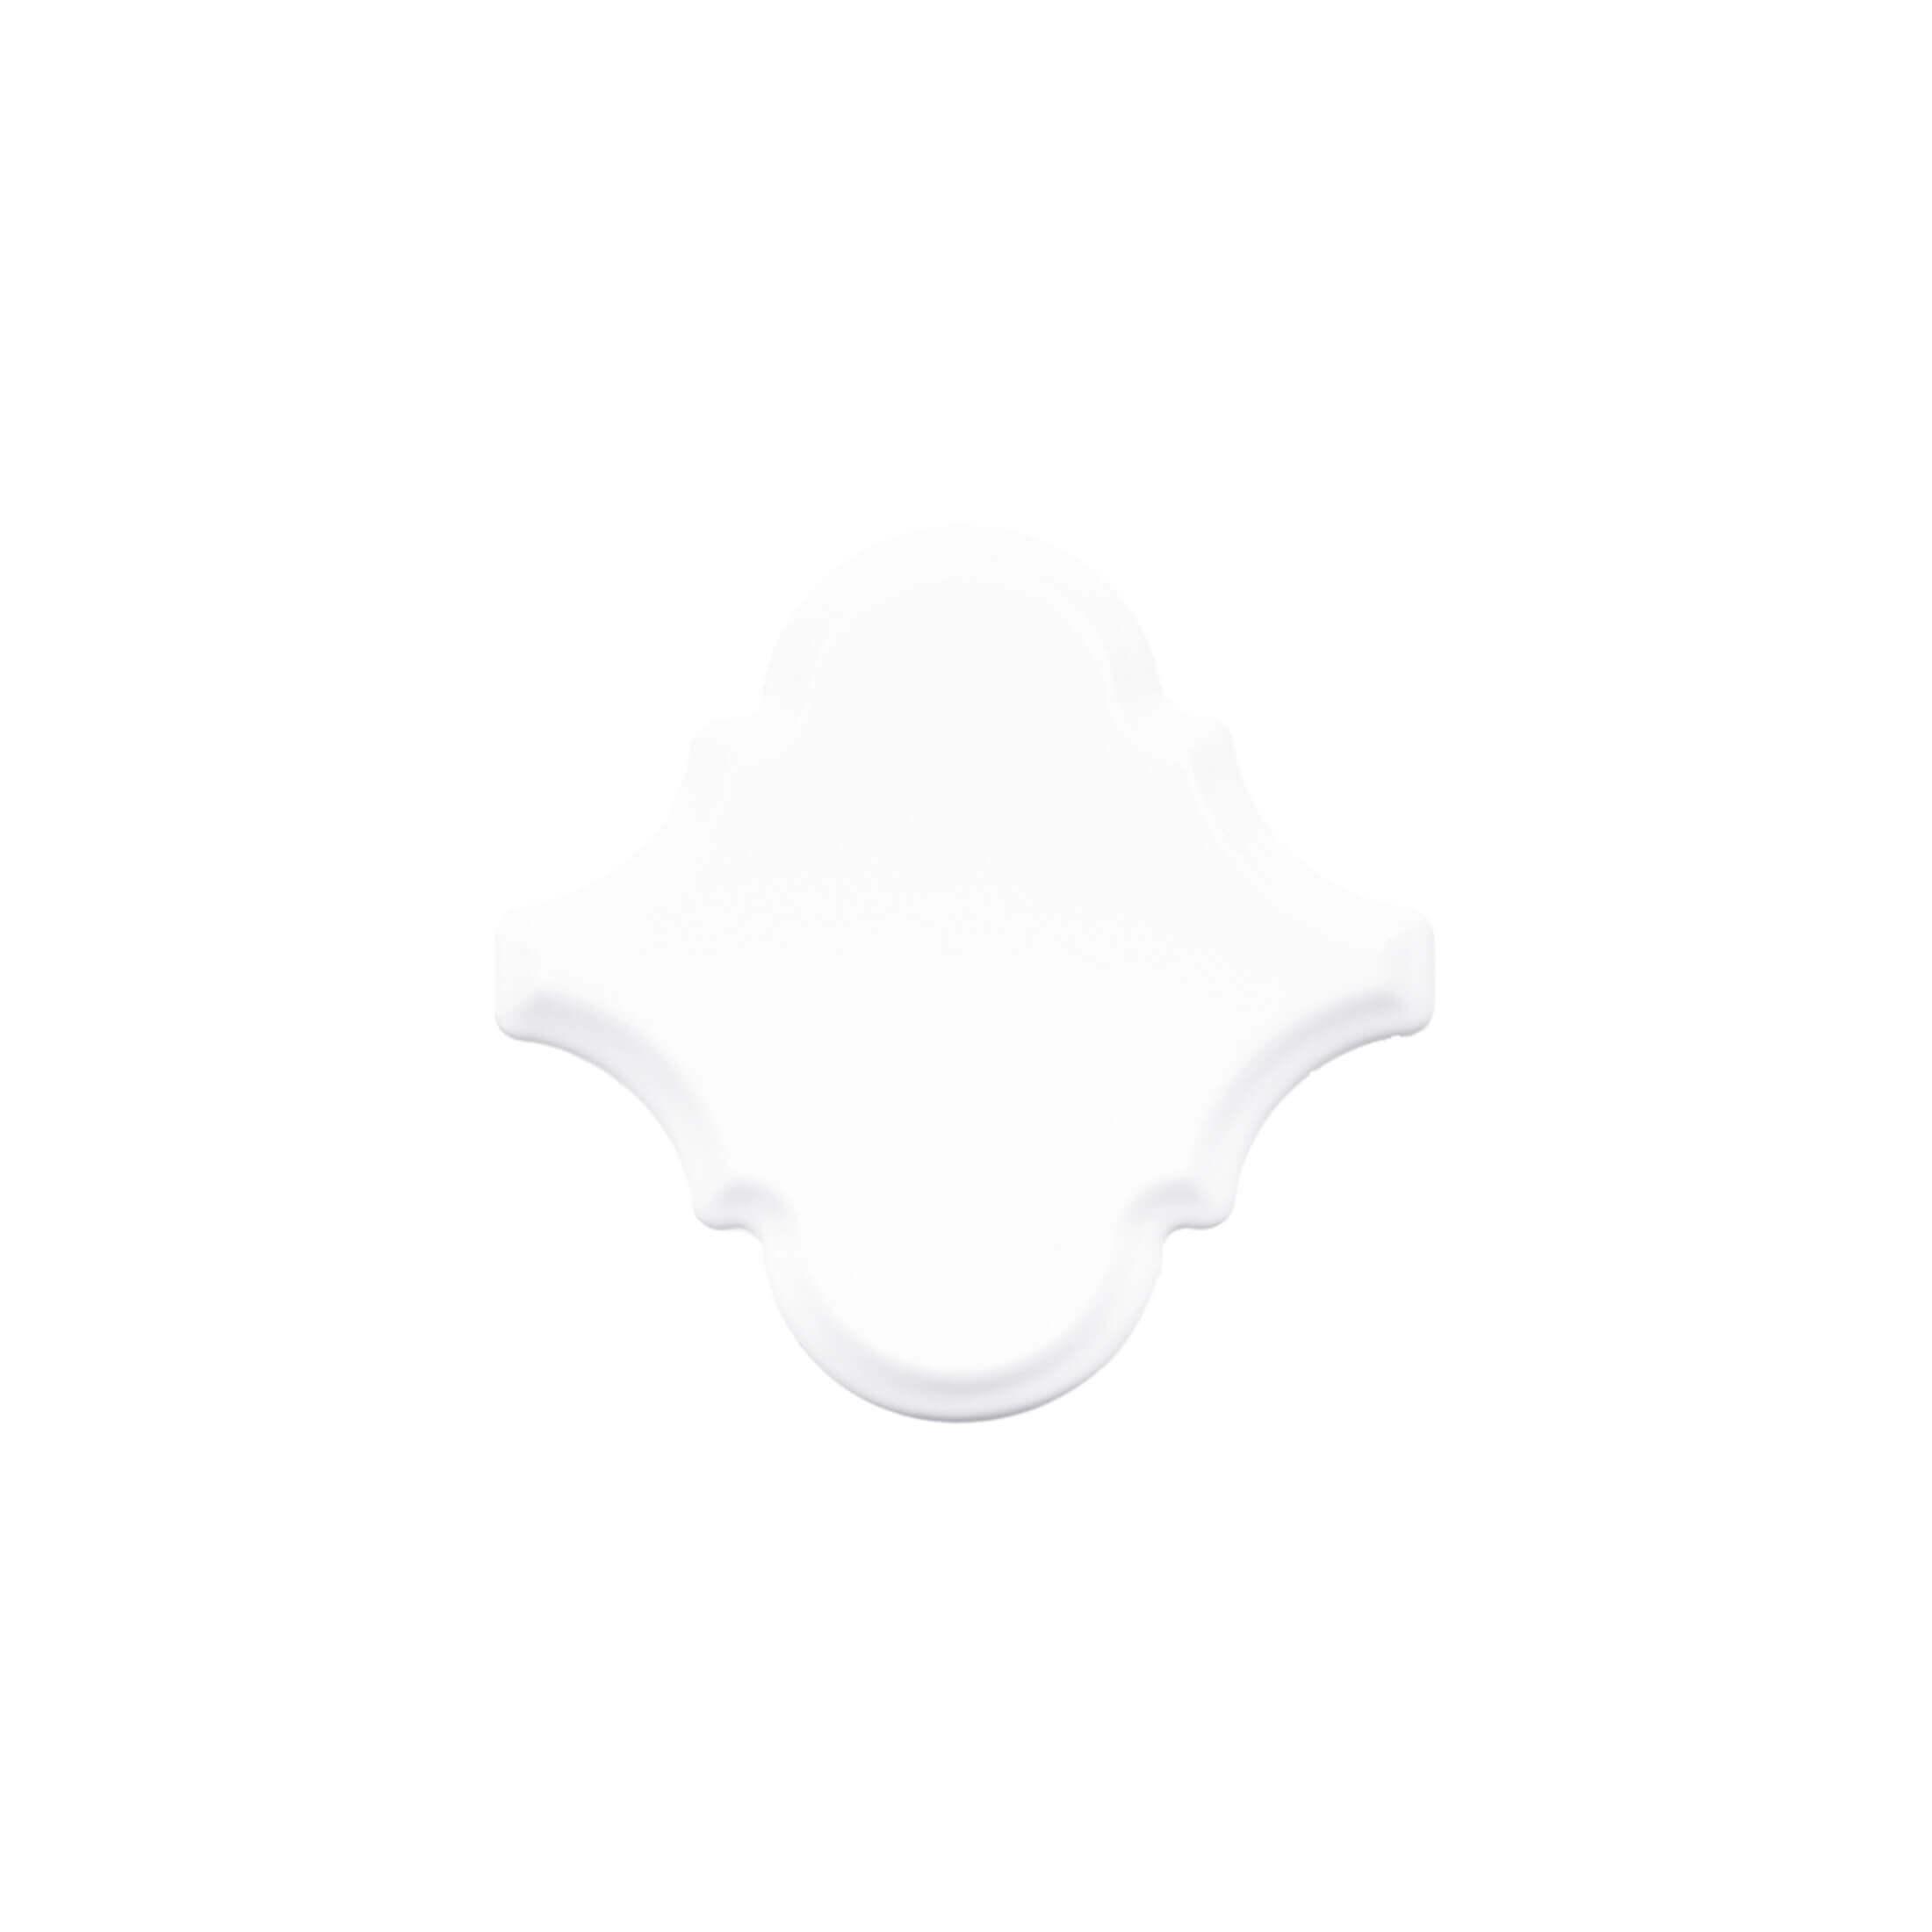 ADEX-ADST8001-ARABESCO-SNOW CAP -15 cm-15 cm-RENAISSANCE>BISELADO